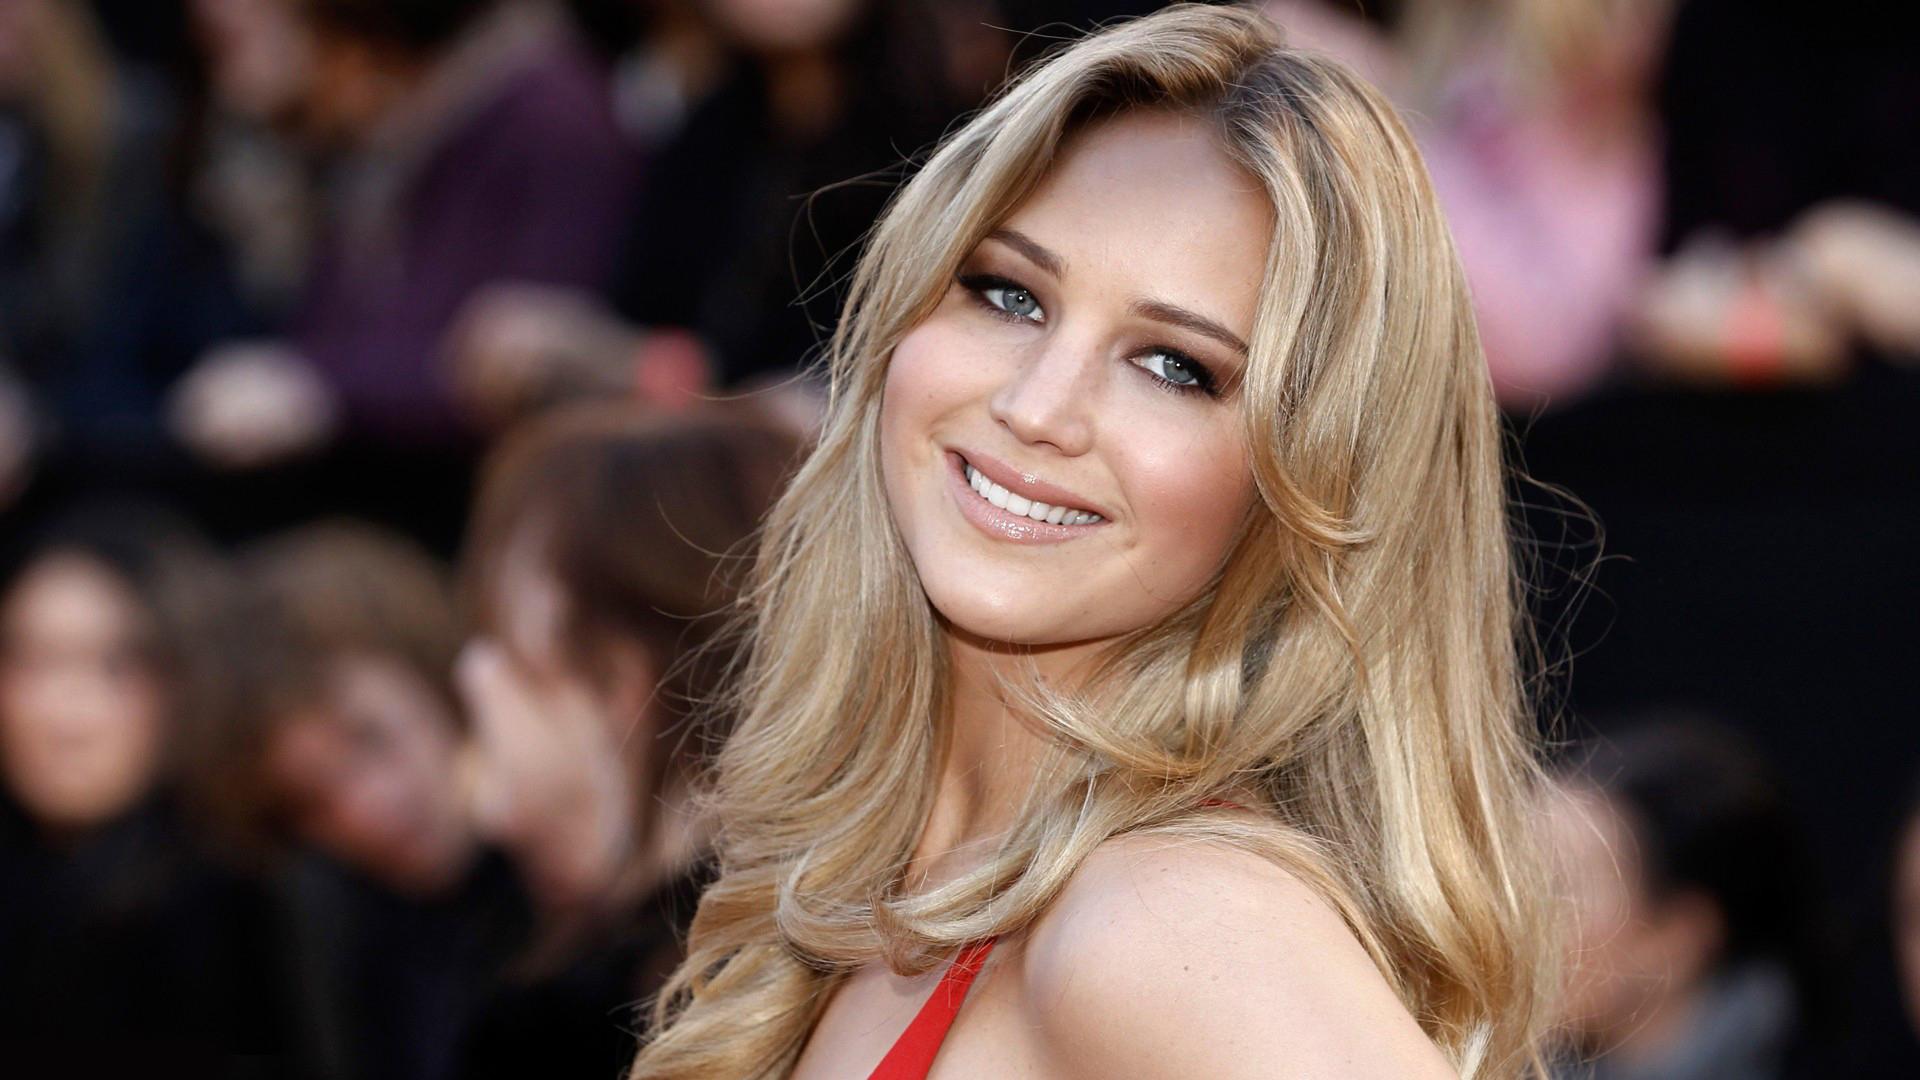 Beautiful Actress Jennifer Lawrence Beautiful Actress Jennifer Lawrence